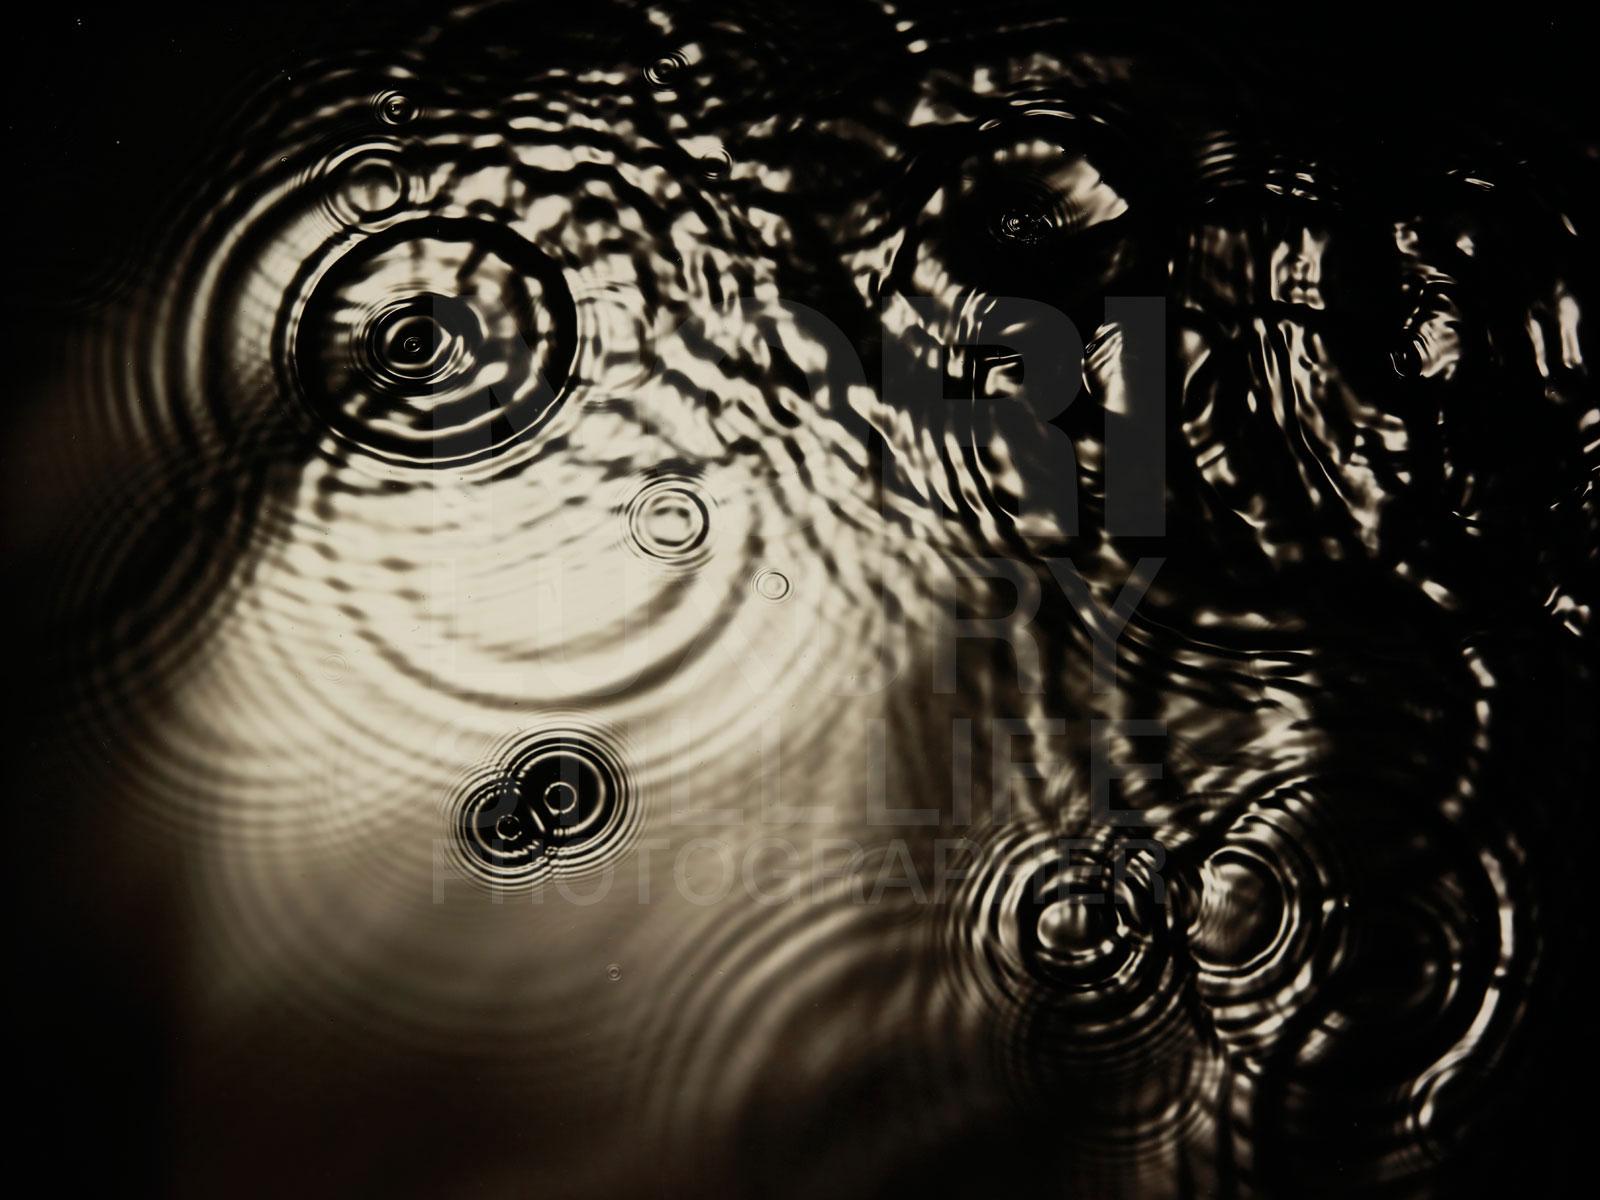 68b_090827_black_wave-107639.jpg